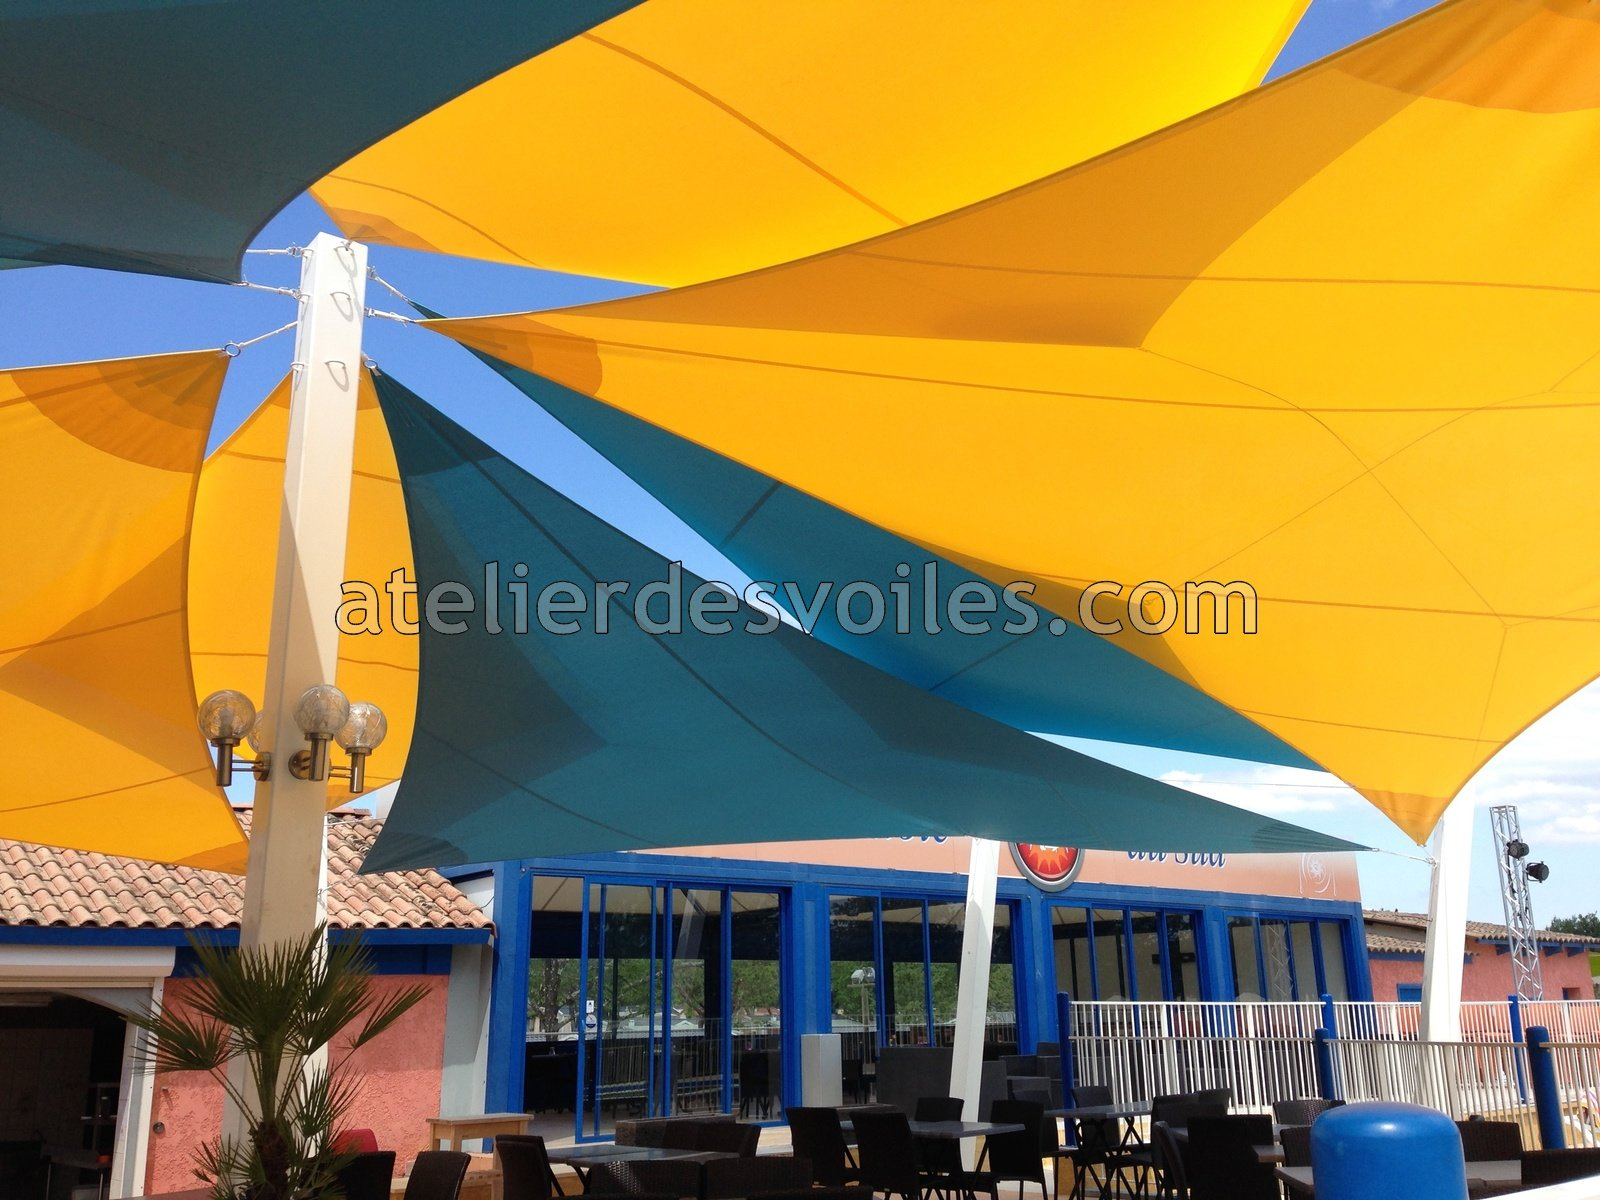 voile solaire toile d ombrage professionnel 02 atelier des voiles. Black Bedroom Furniture Sets. Home Design Ideas